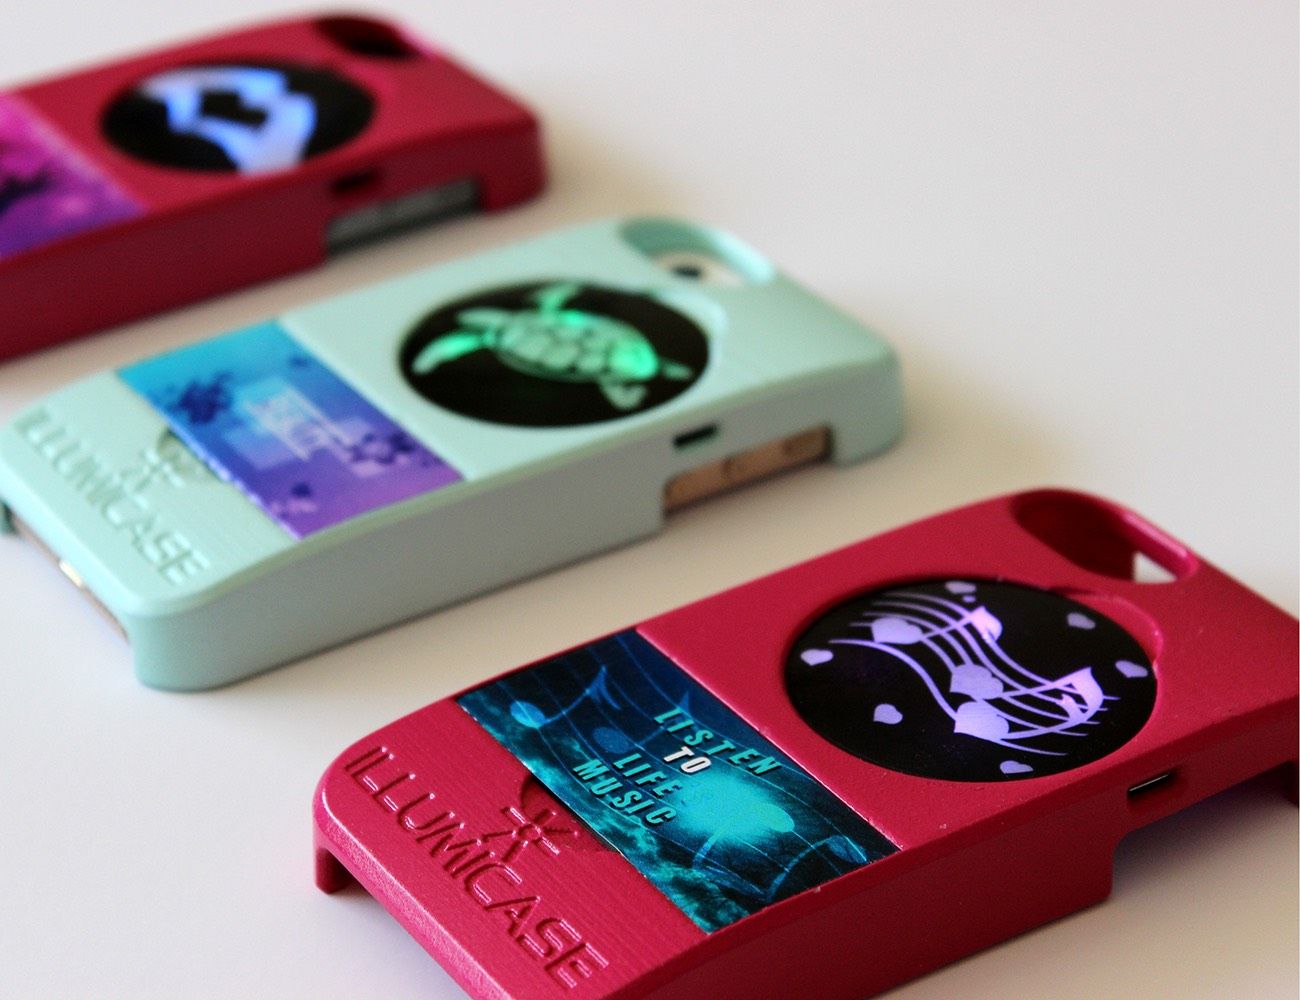 illuminating-iphone-cases-03